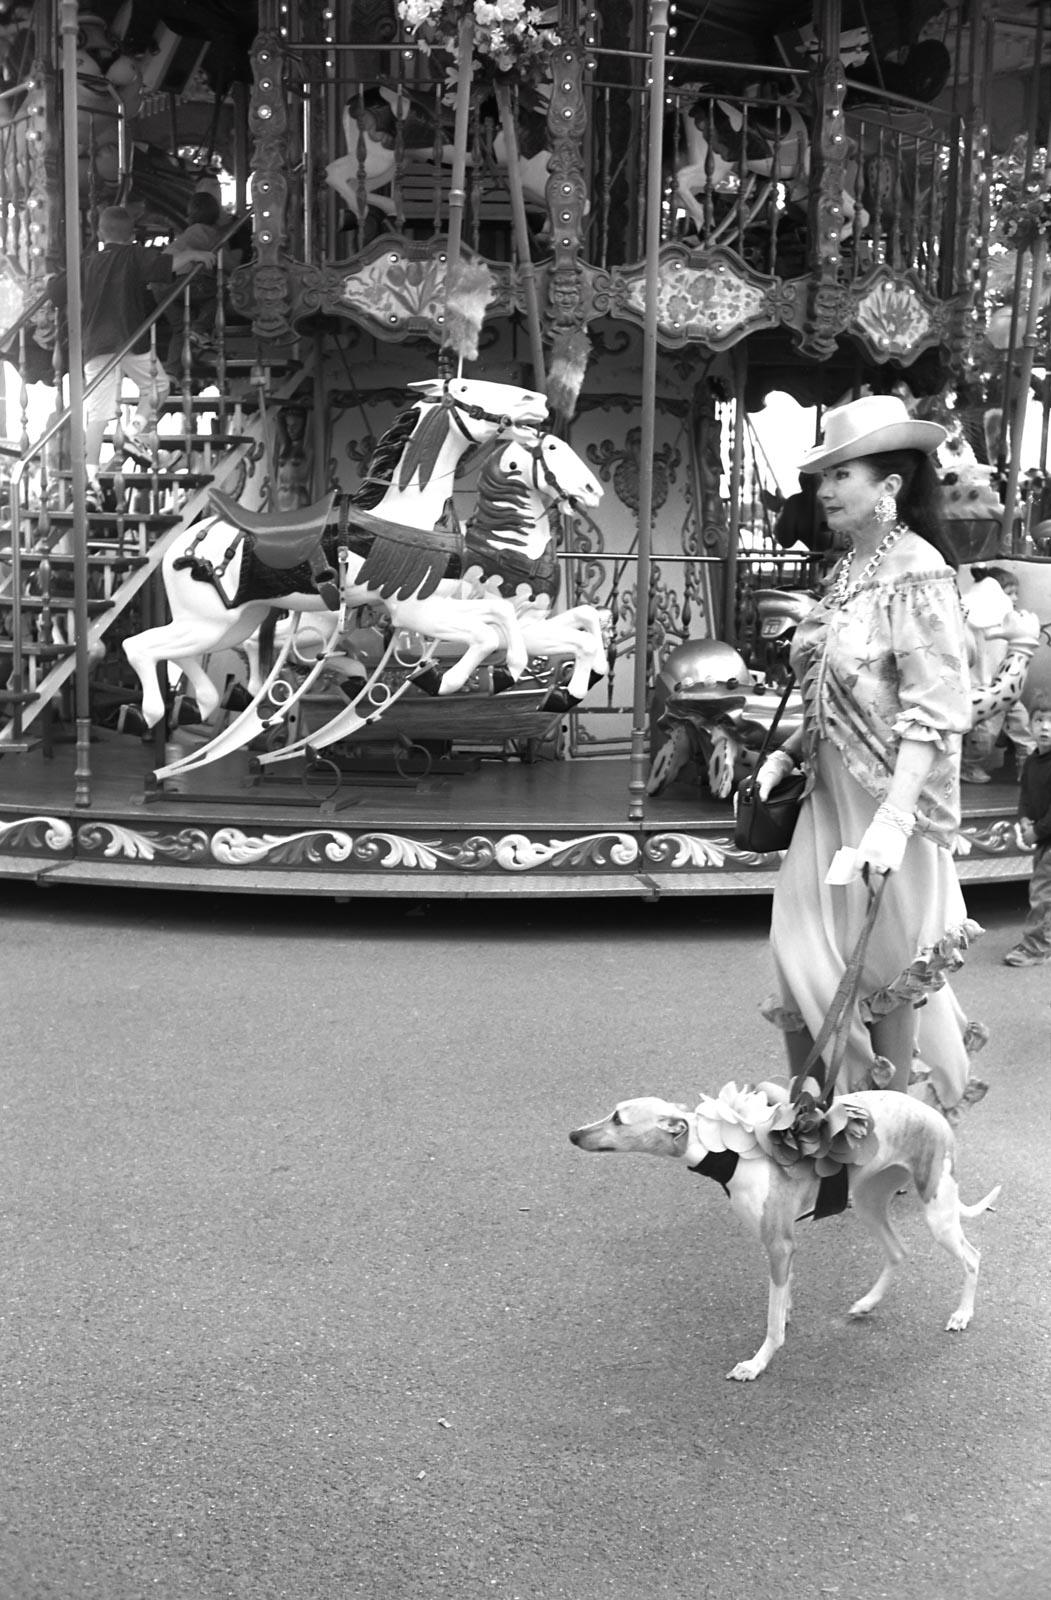 Le carrousel, Cannes 2001